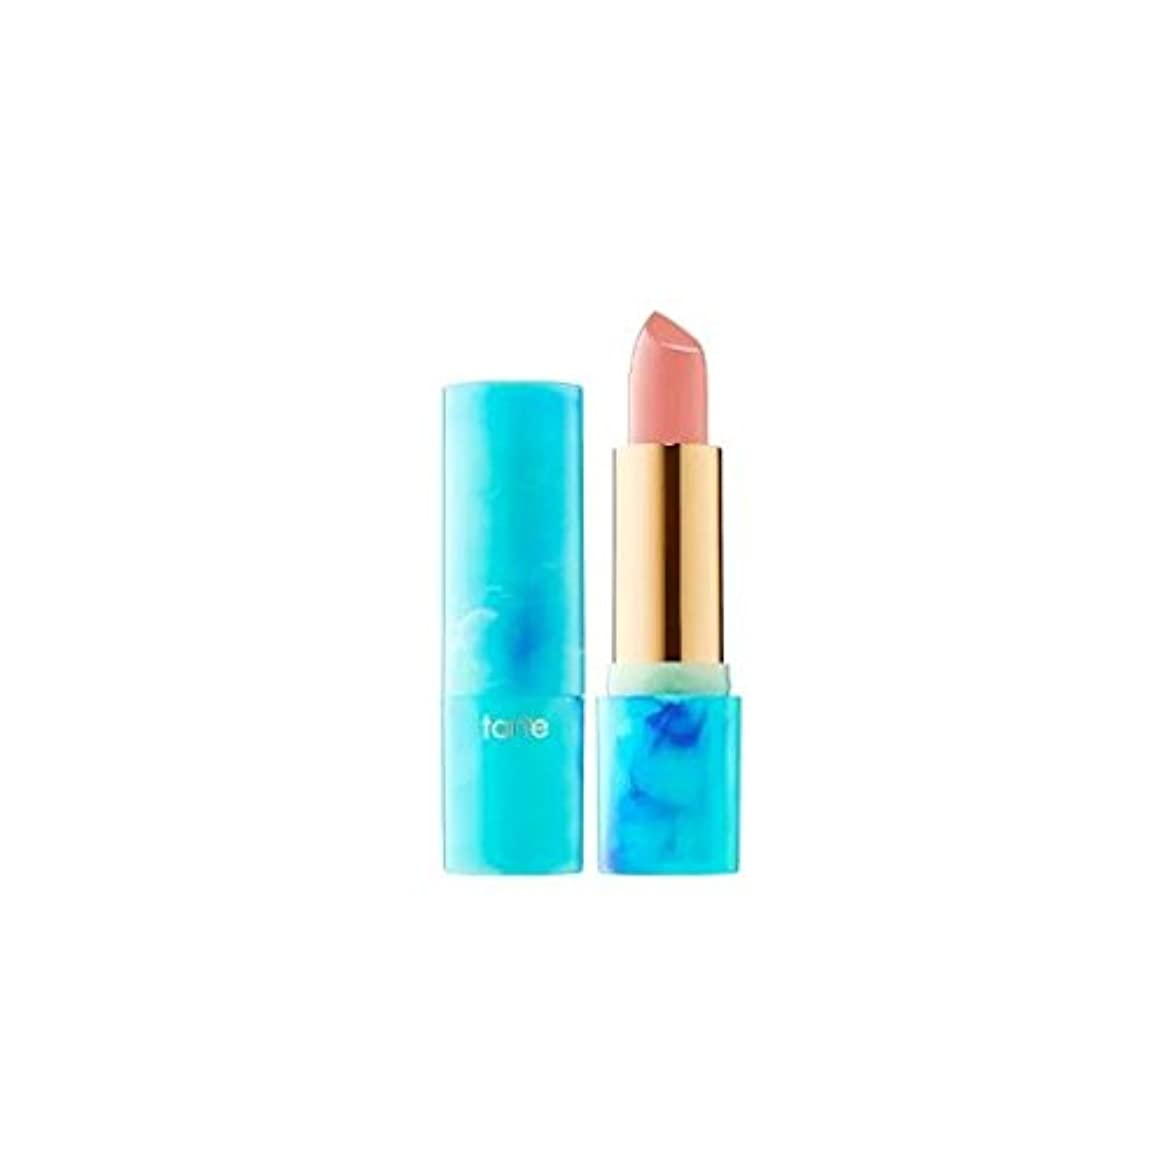 上向きアシスト一回tarteタルト リップ Color Splash Lipstick - Rainforest of the Sea Collection Satin finish